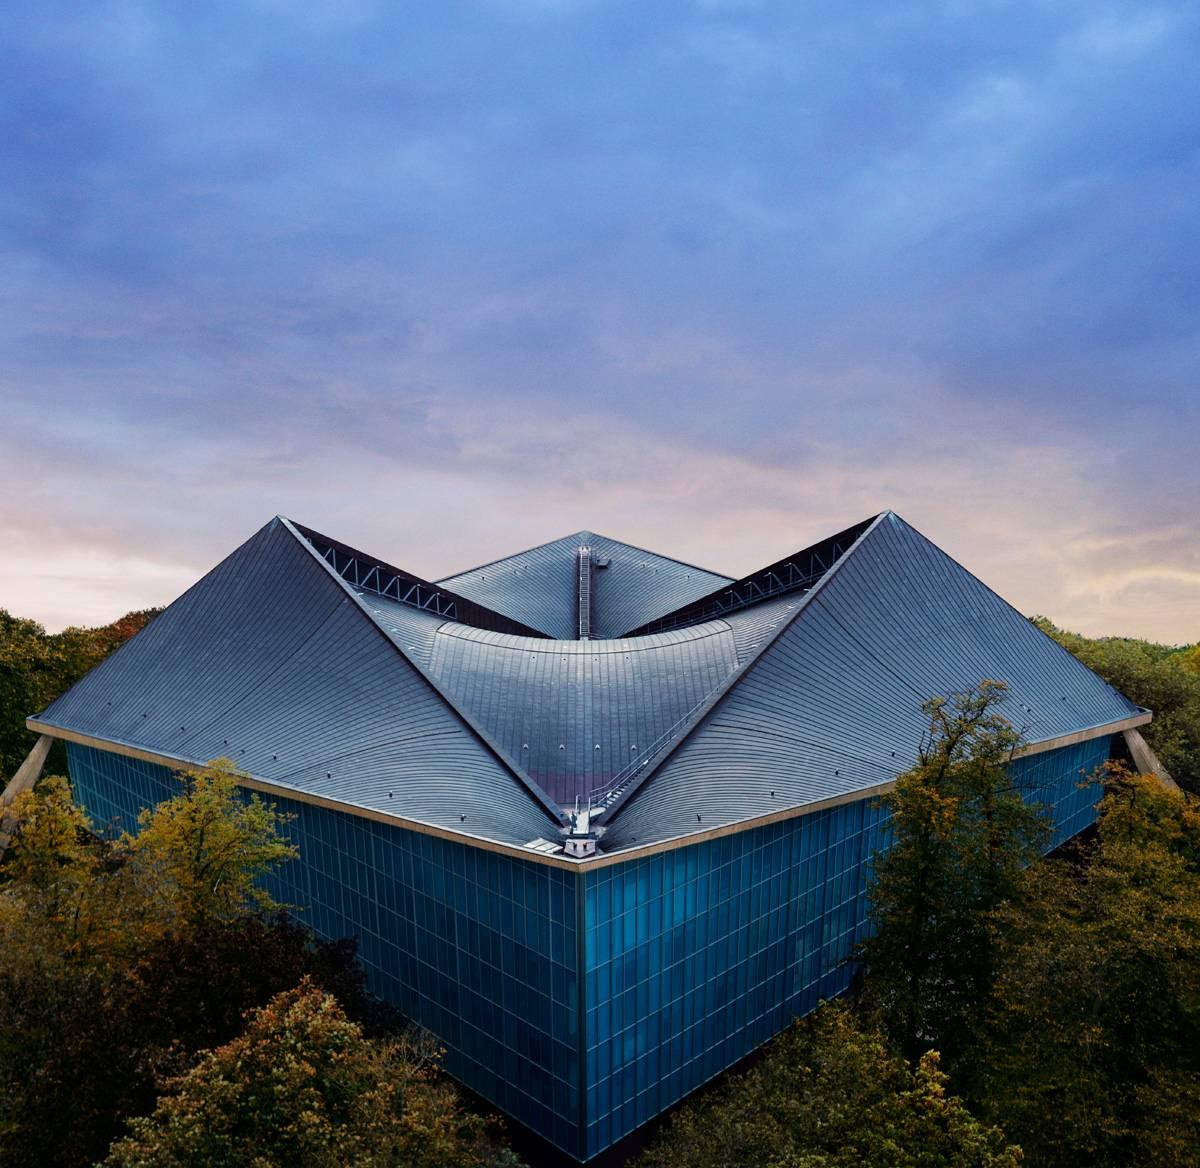 מוזיאון העיצוב לונדון. צילום: Gravity Road